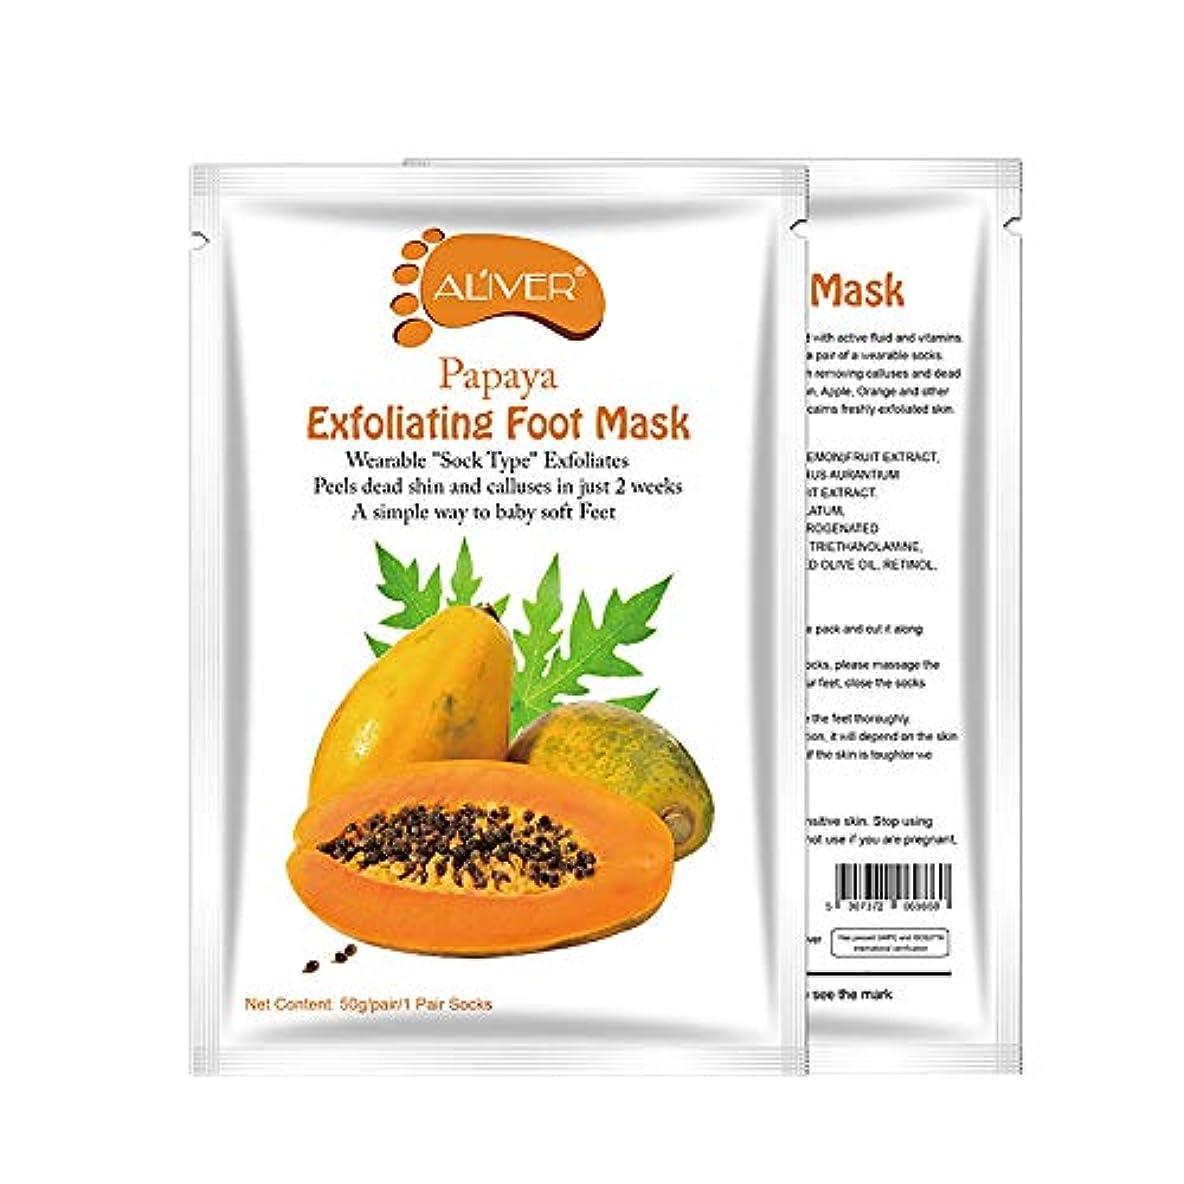 給料排除公式ソフトカモミールフット剥離ピーリングスクラブマスク - ベビーフットピール - 角質除去、死んで乾燥肌 - 男性と女性のためのピールマスク - フットピール3パック (Papaya)